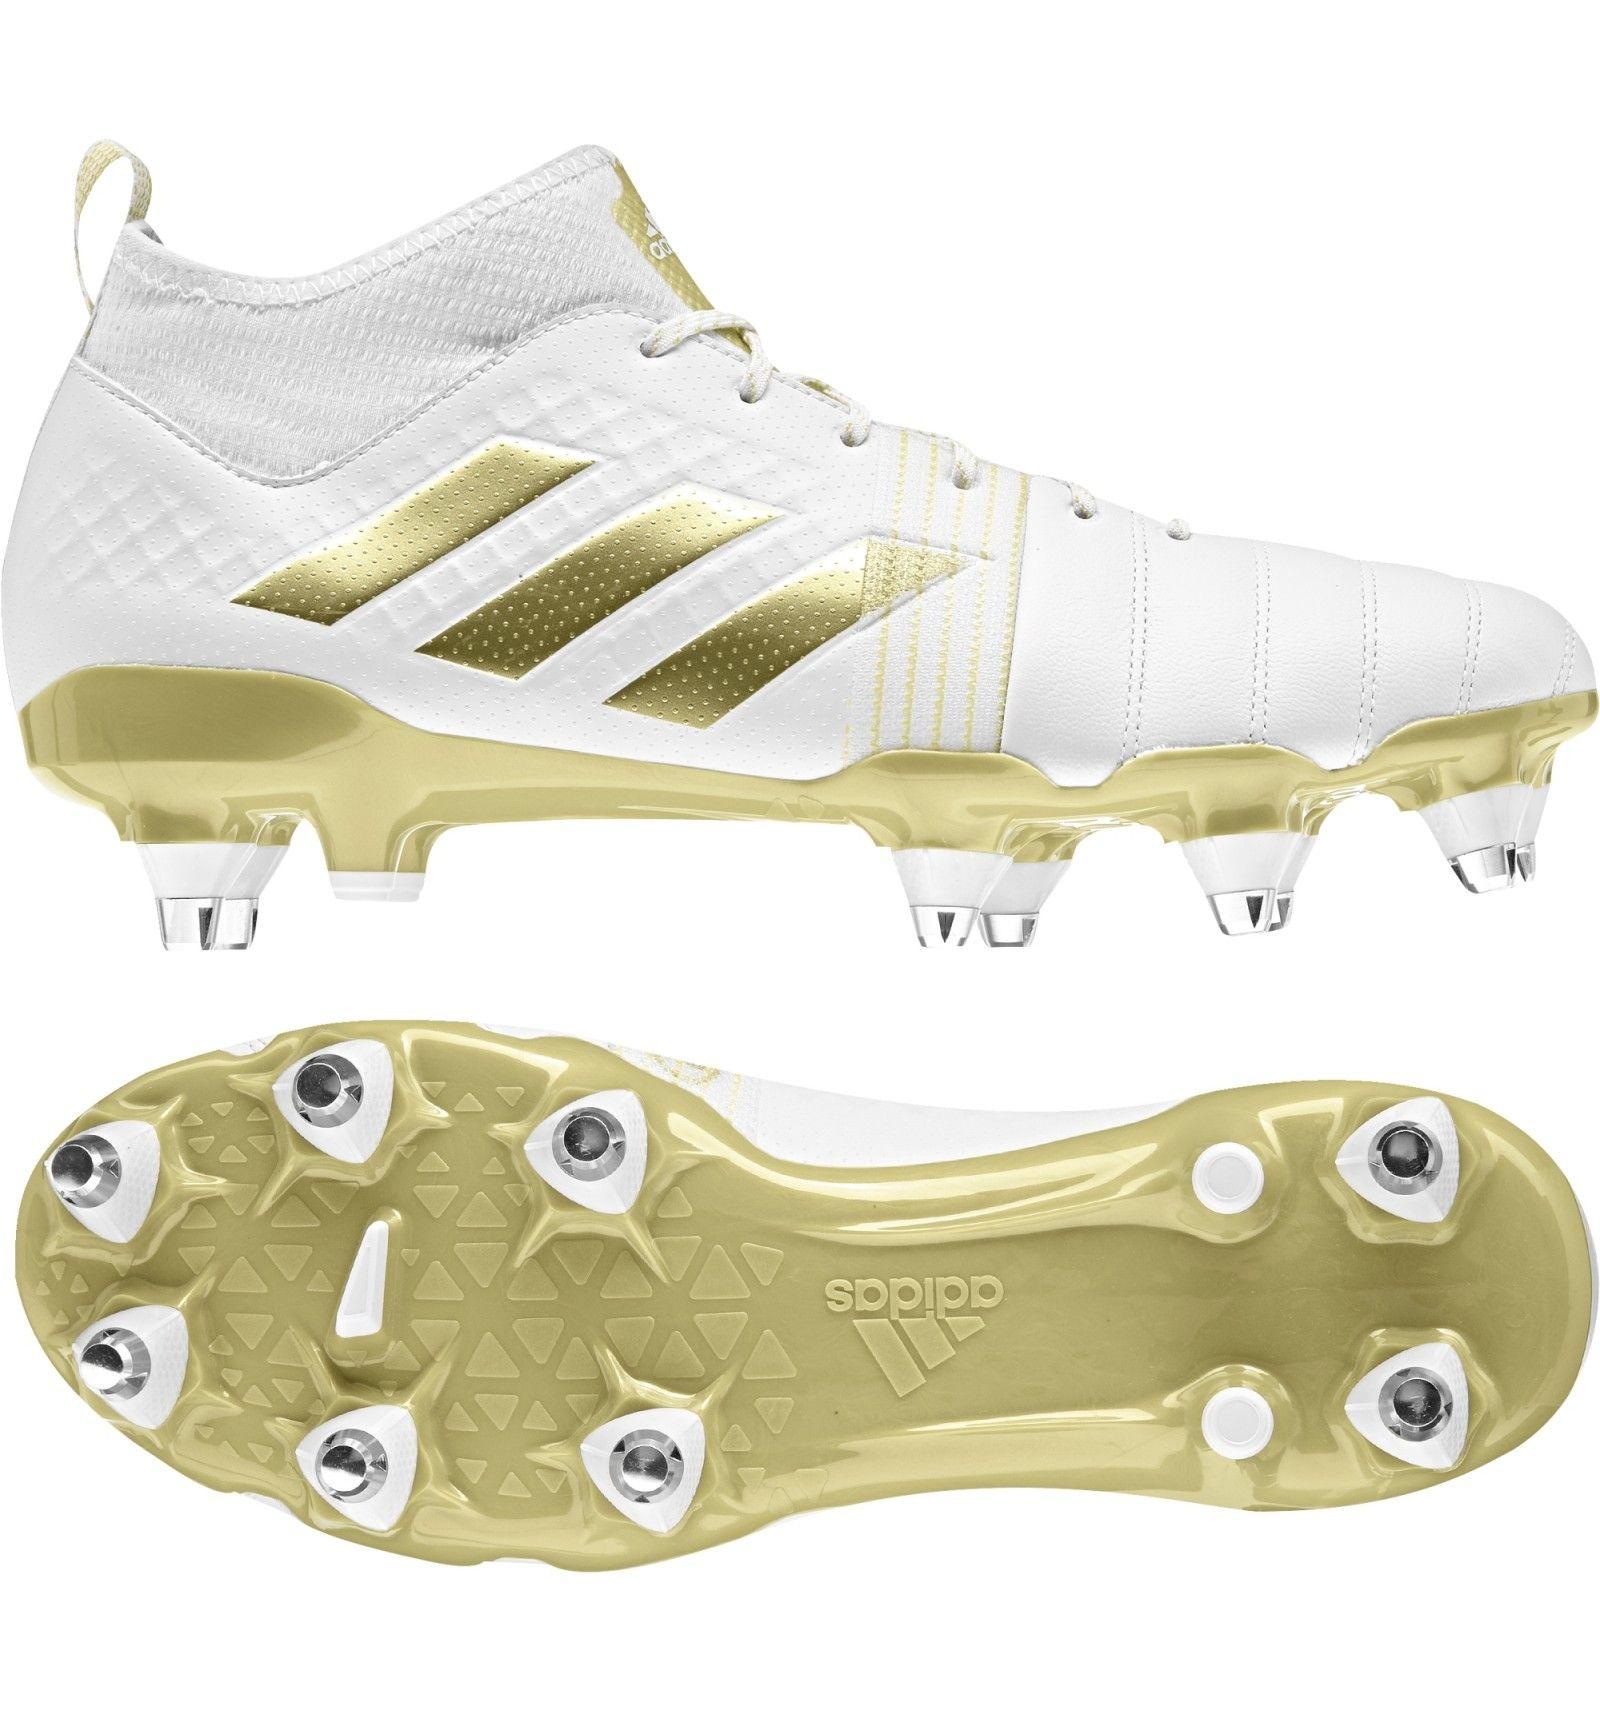 Adidas Kakari X Kevlar Rugby Boot White